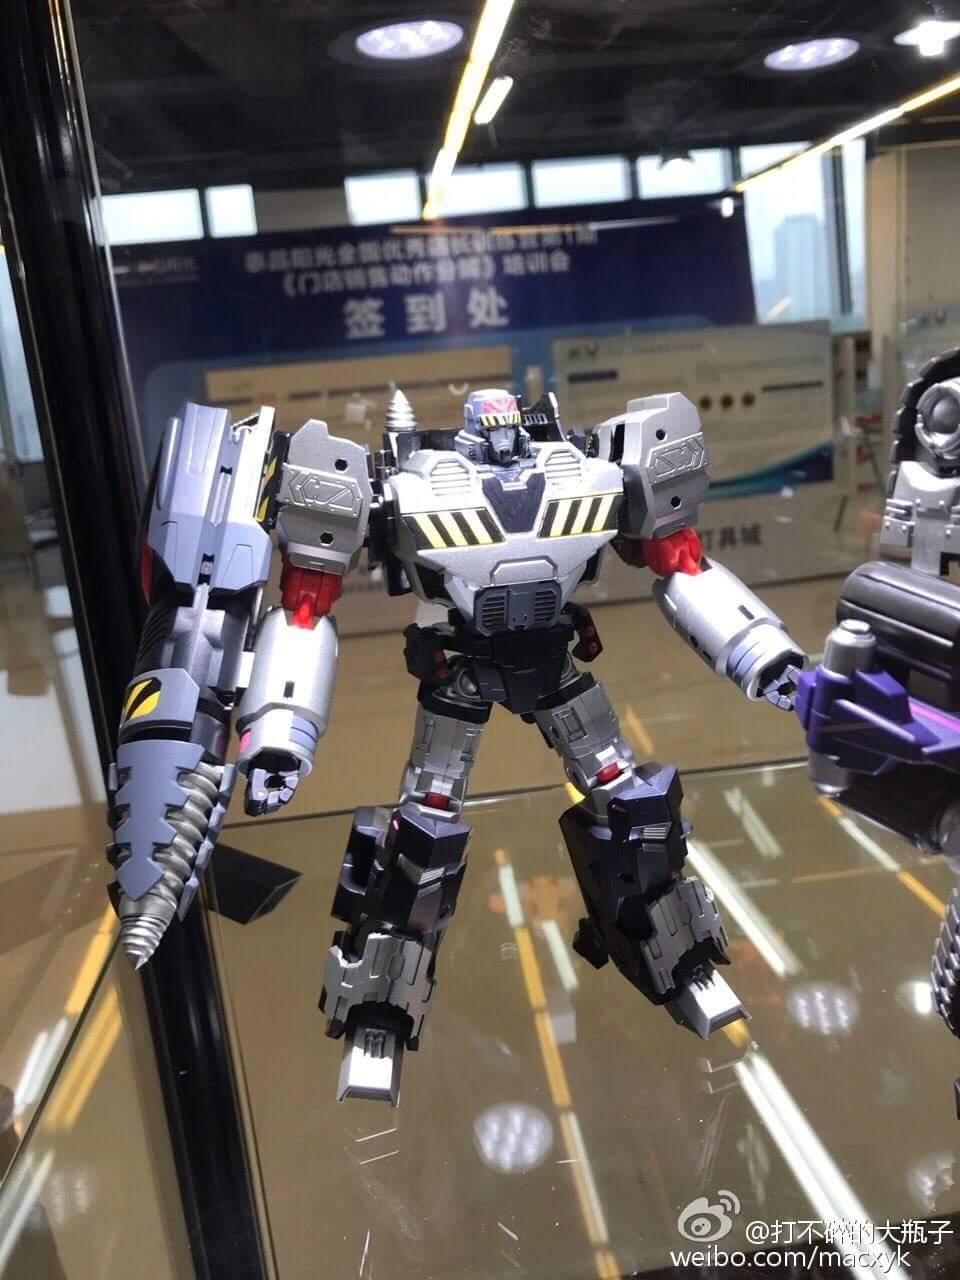 [Mastermind Creations] Produit Tiers - Reformatted R-28 Tyrantron - aka Megatron des BD IDW Uq9os3Kc